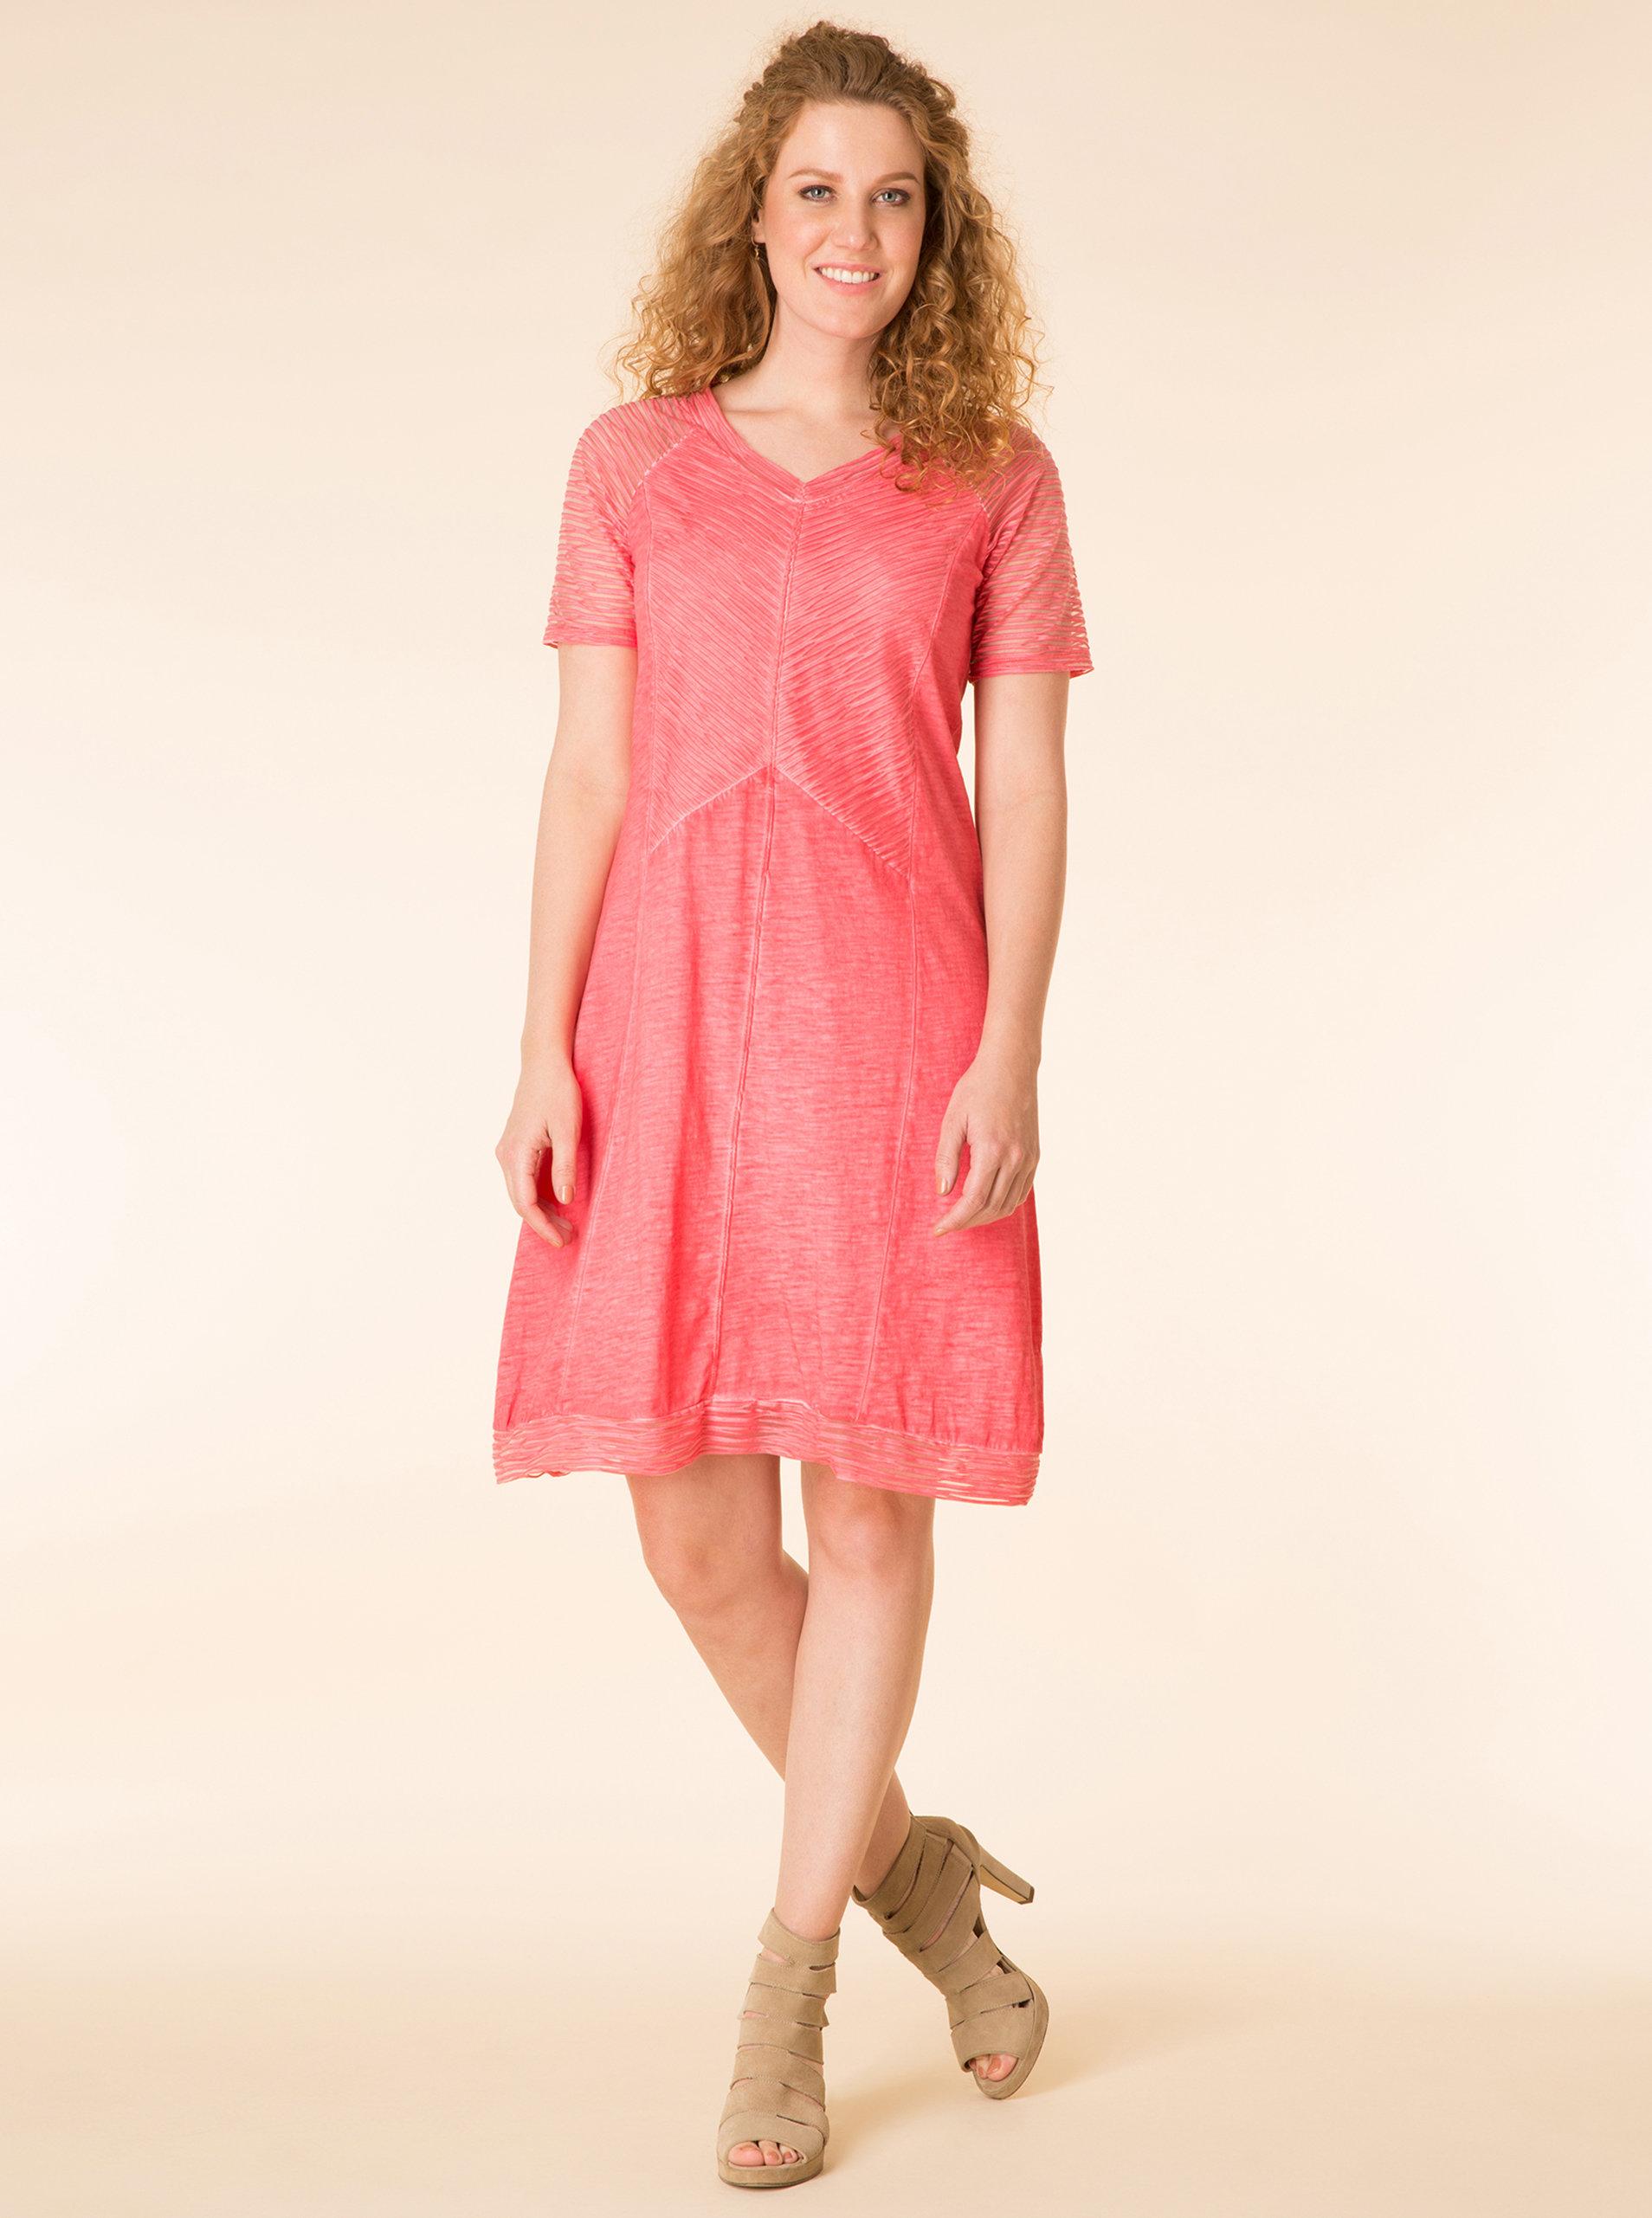 78f3b9f169c7 Ružové melírované šaty s krátkym rukávom Yest ...